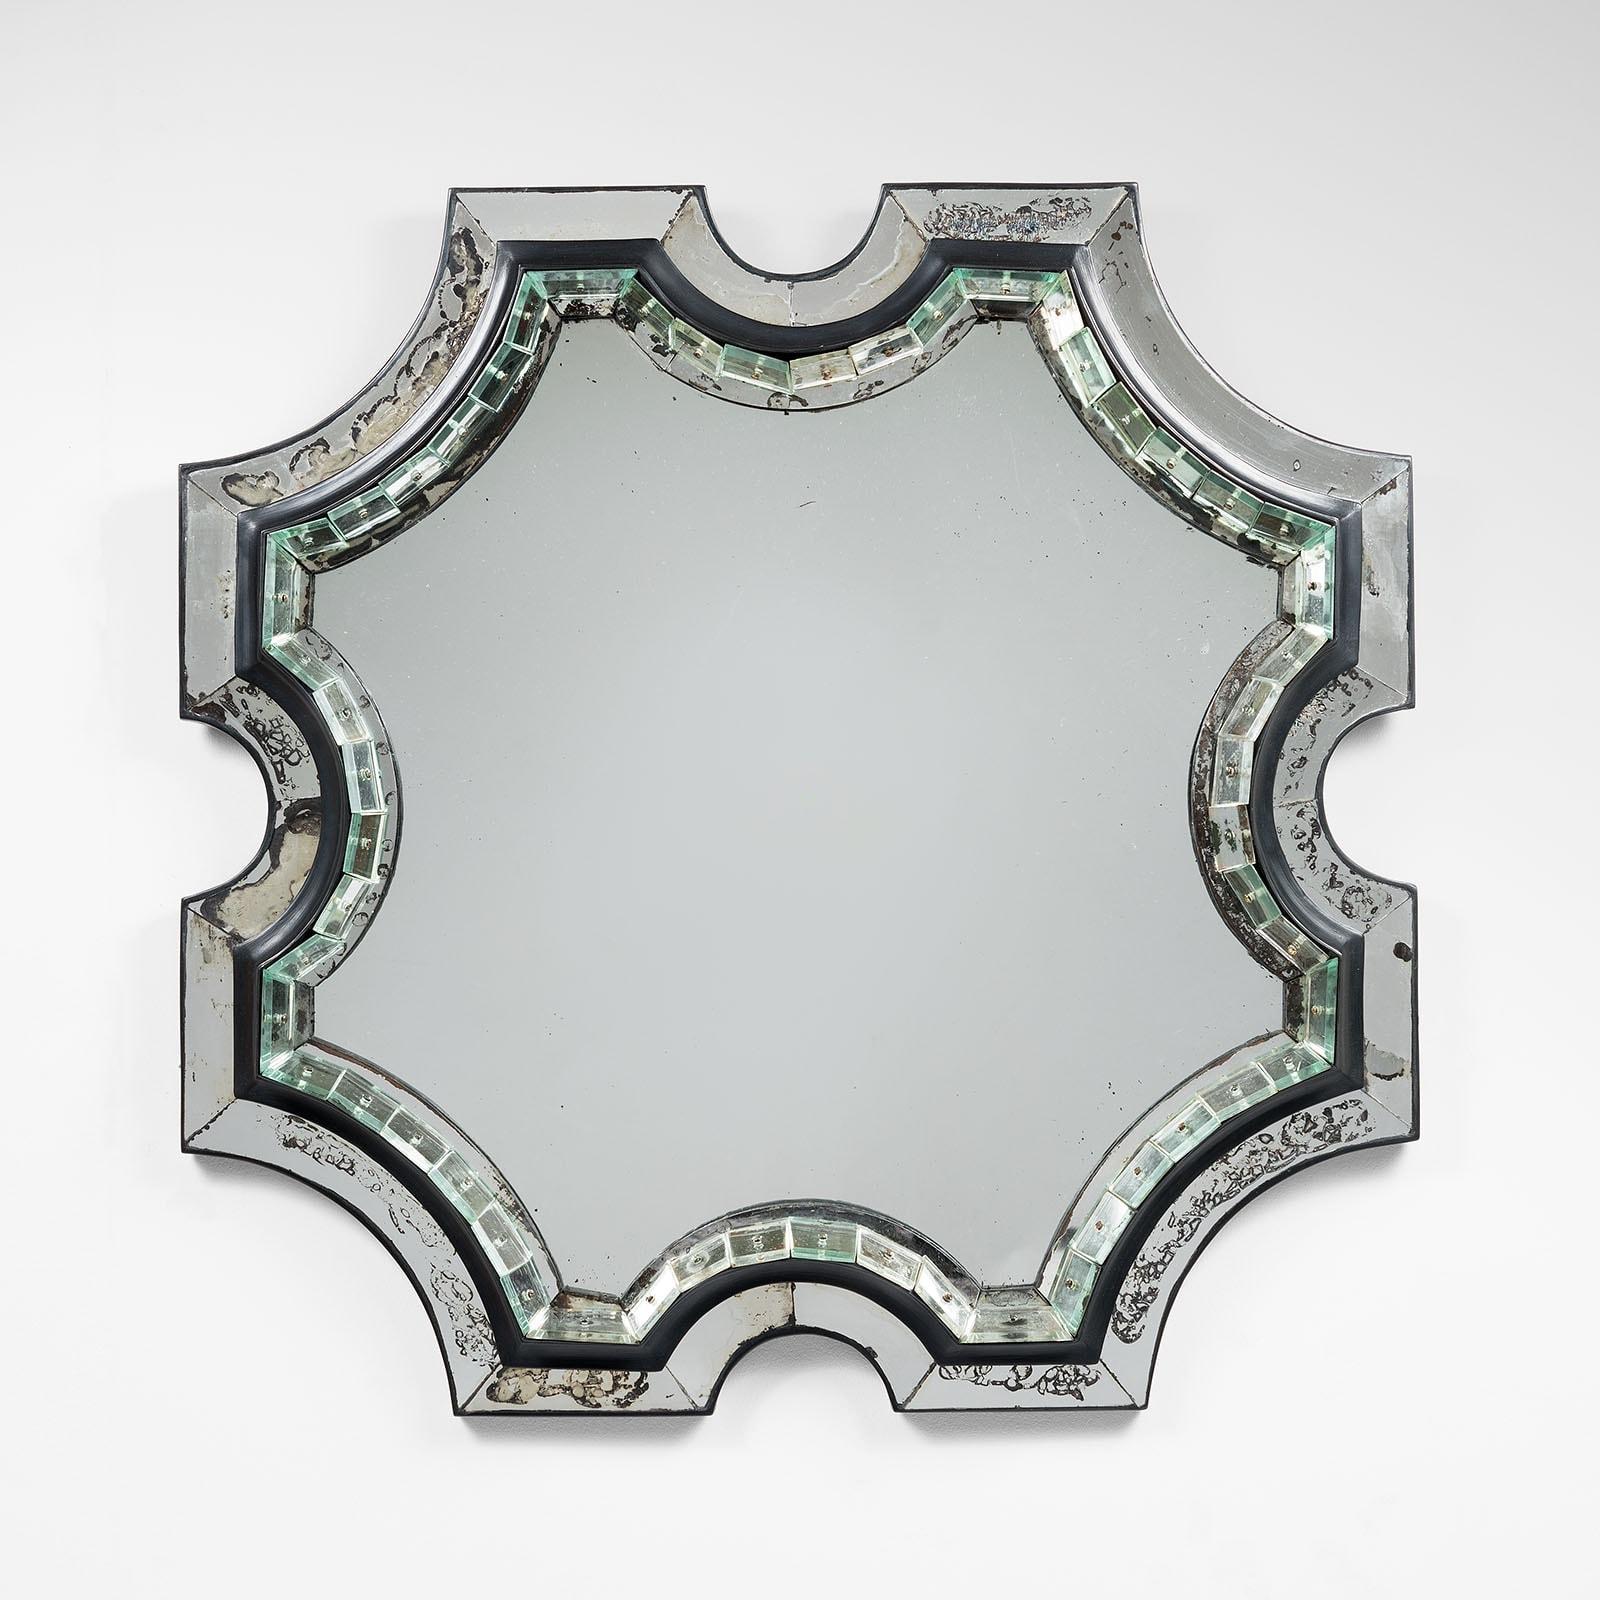 Serge Roche, Exceptionnal Mirror, vue 01